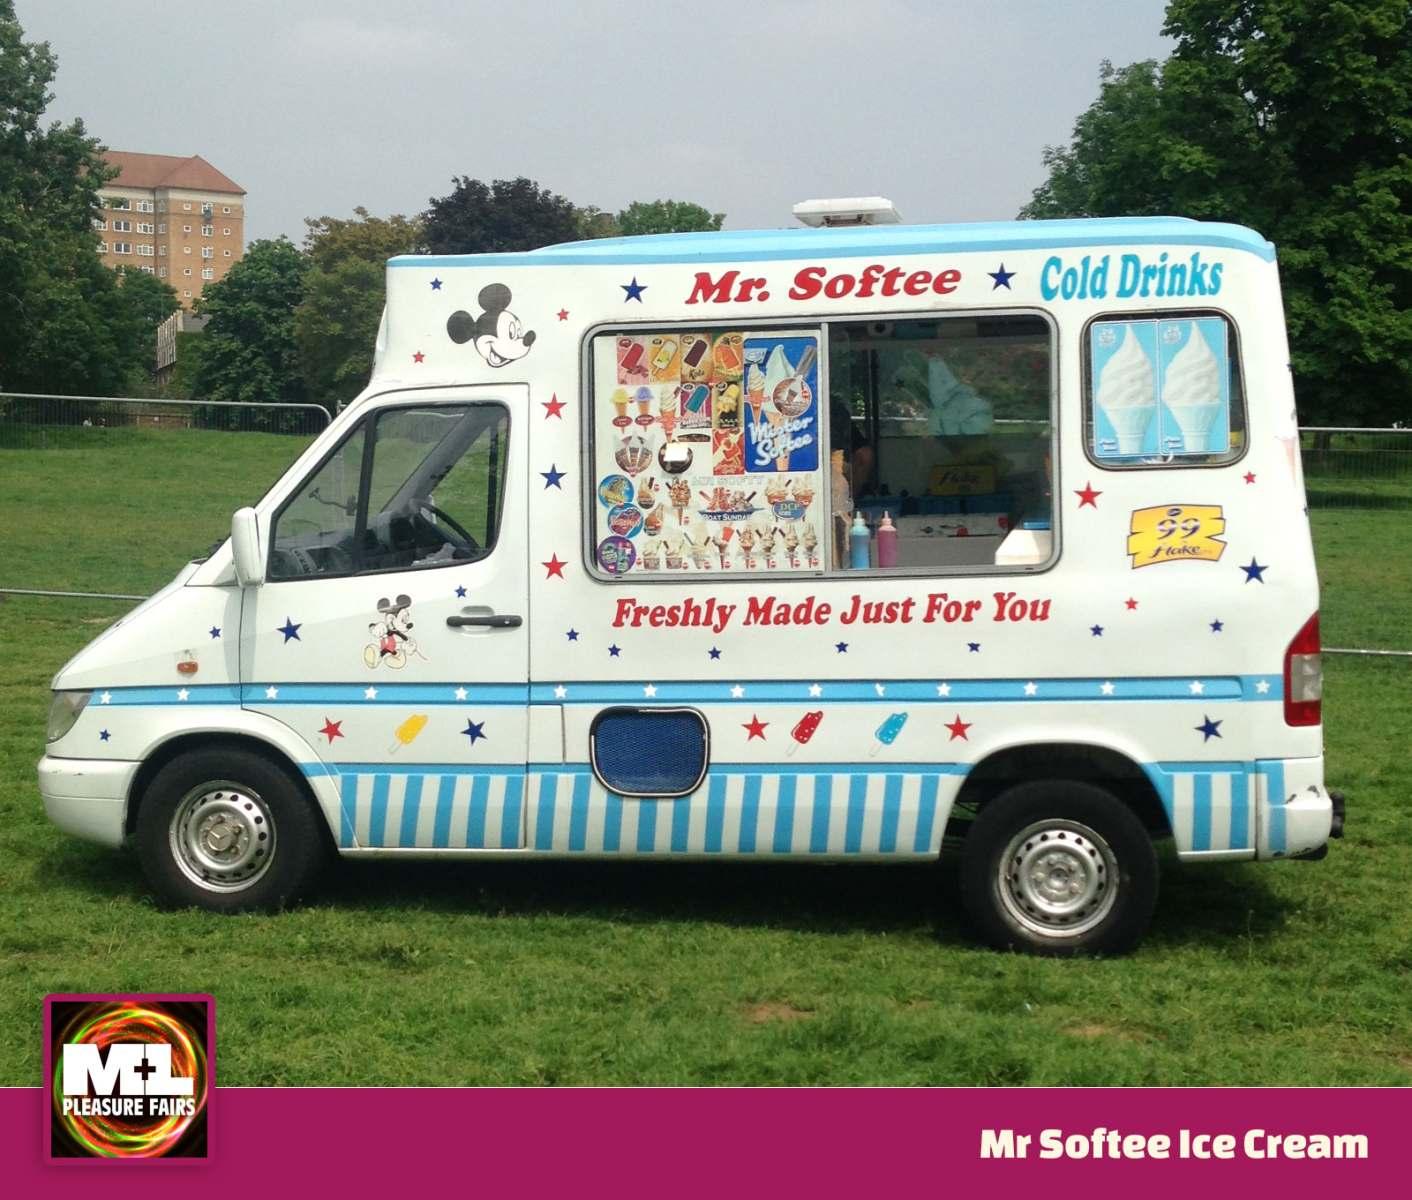 Mr Softee Ice Cream